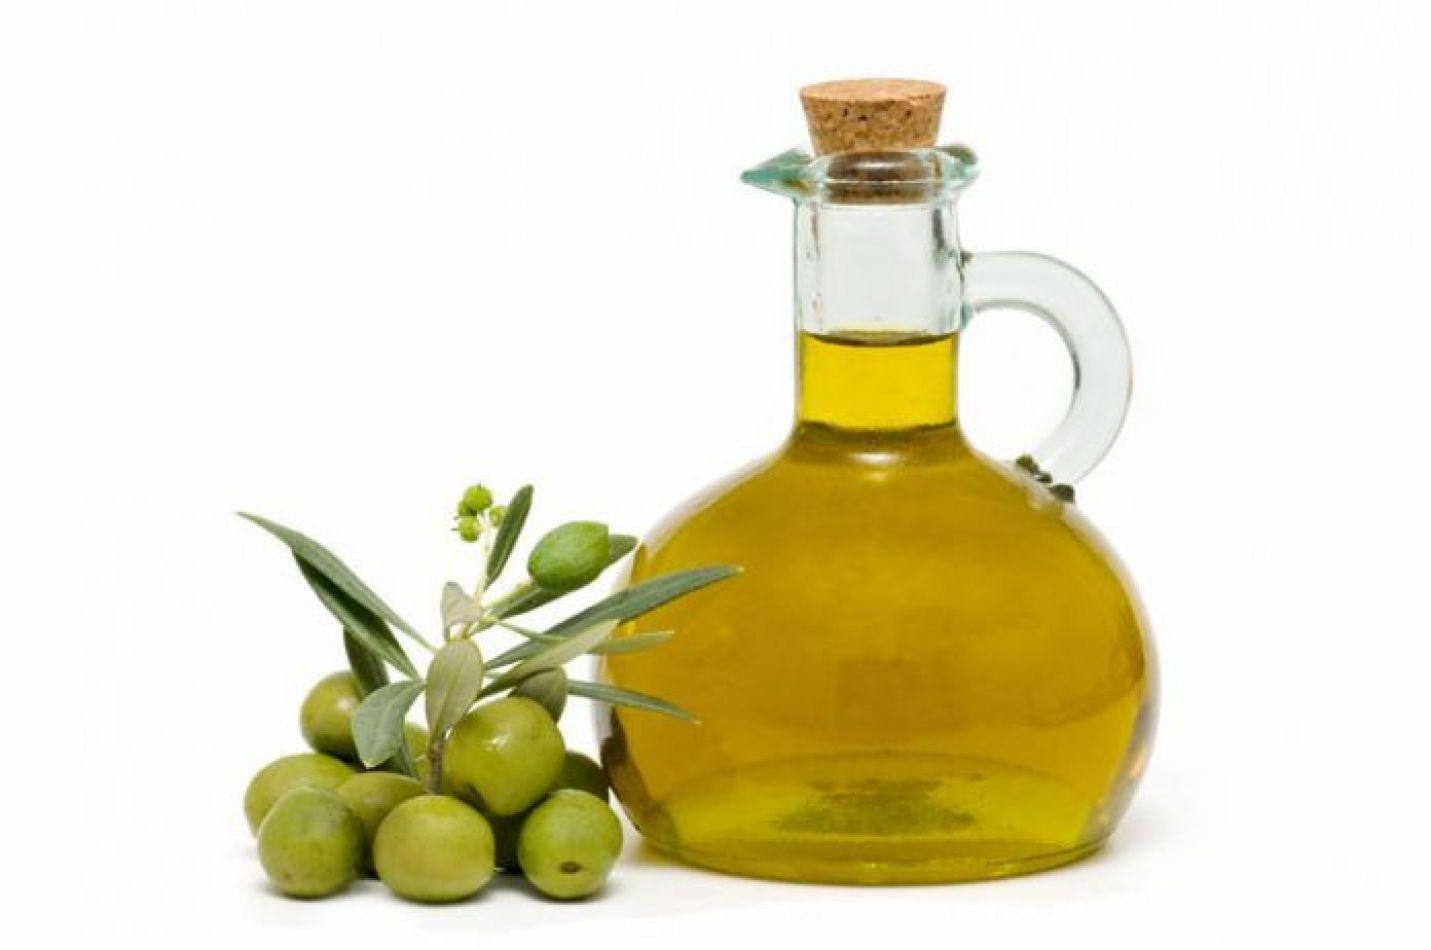 La ANMAT prohibió la venta de una cerveza, un aceite de oliva y otros productos